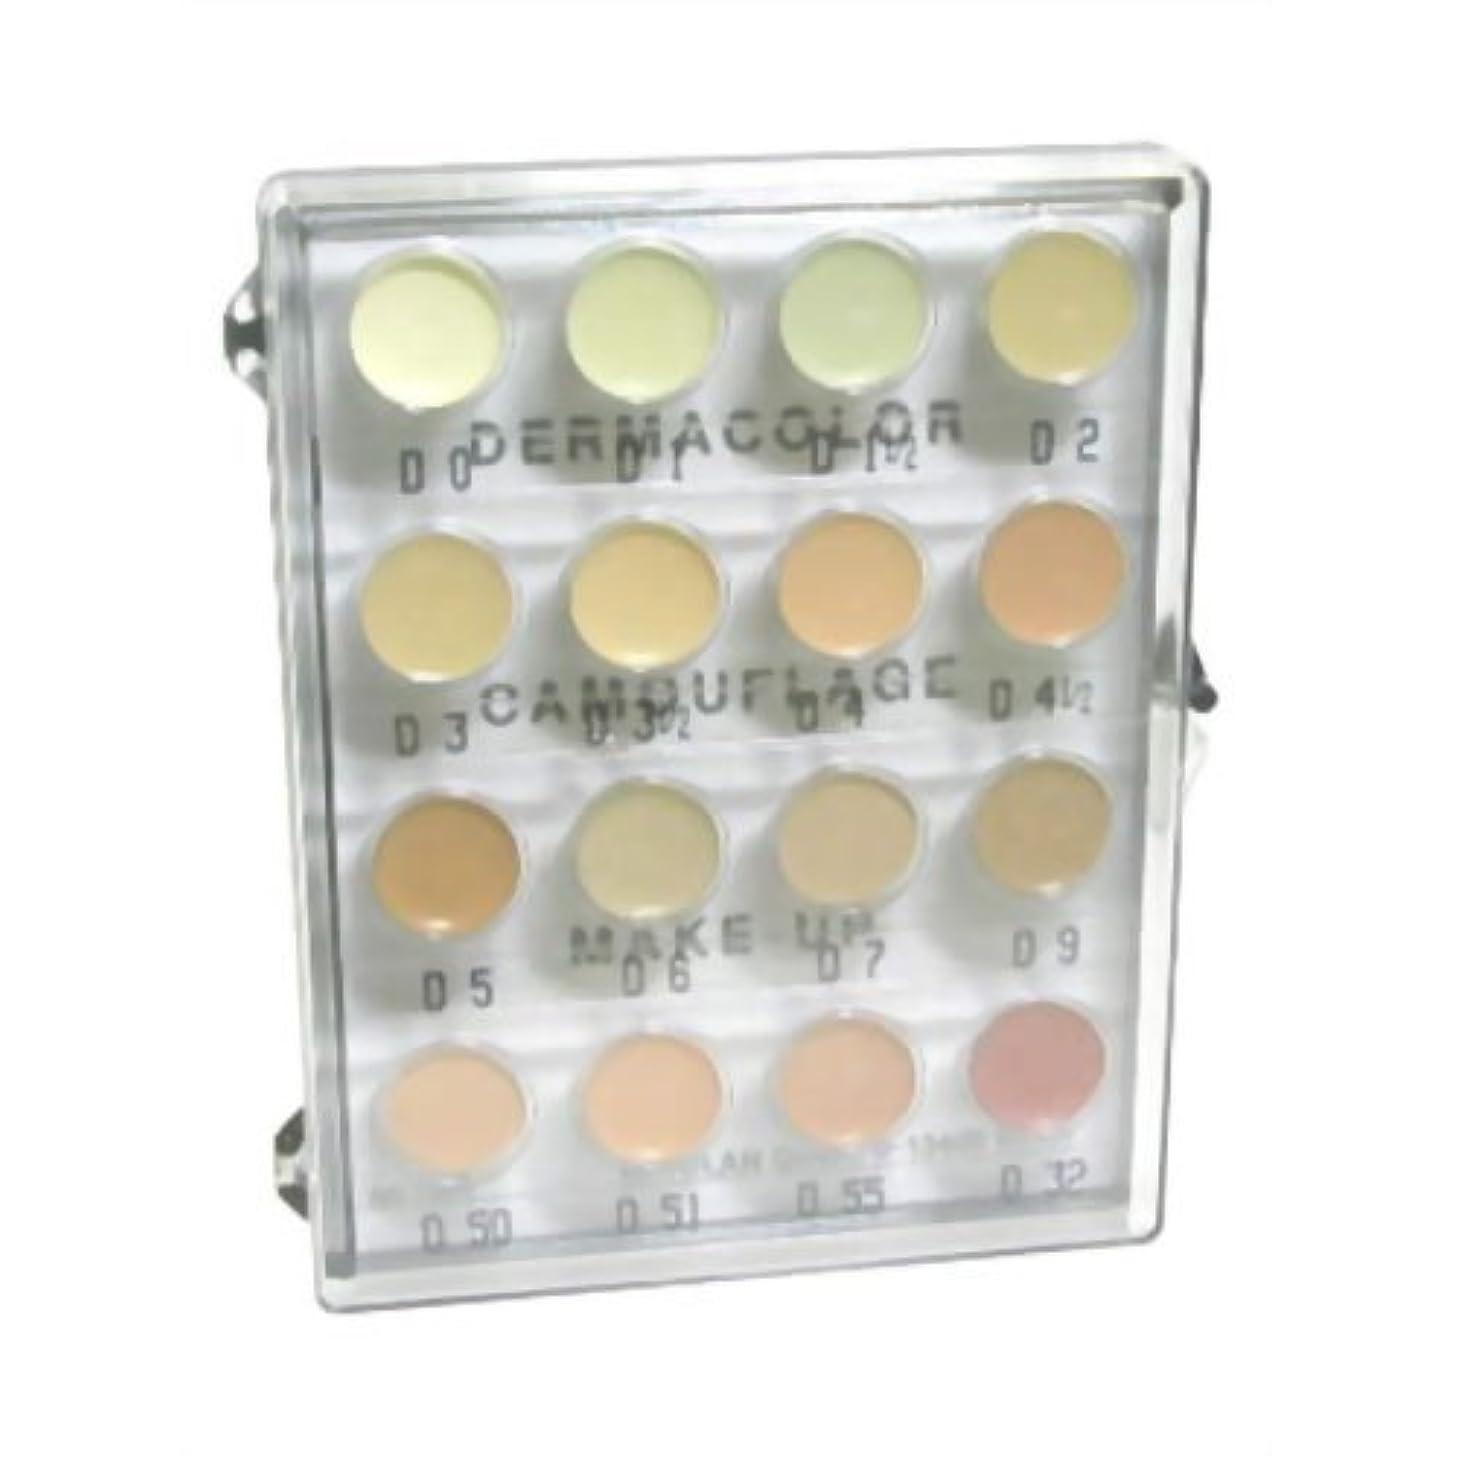 ウイルス誘発する炭水化物カモフラージュ ミニパレット 16色入 04黄色系